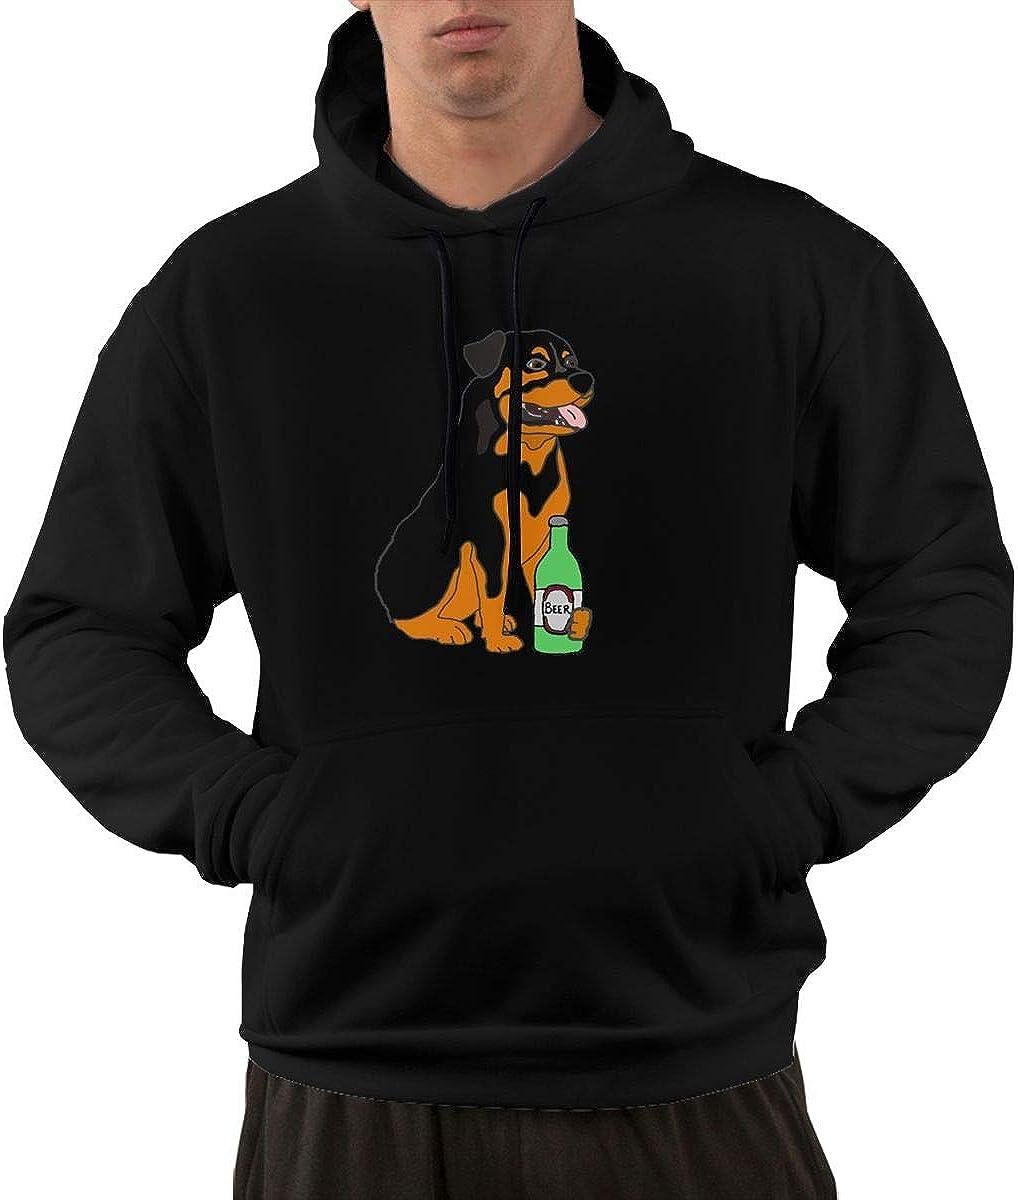 Cool Dog Drink Beer Pullover Hoodie Sweatshirt Mens Performance Active Hooded Sweatshirt